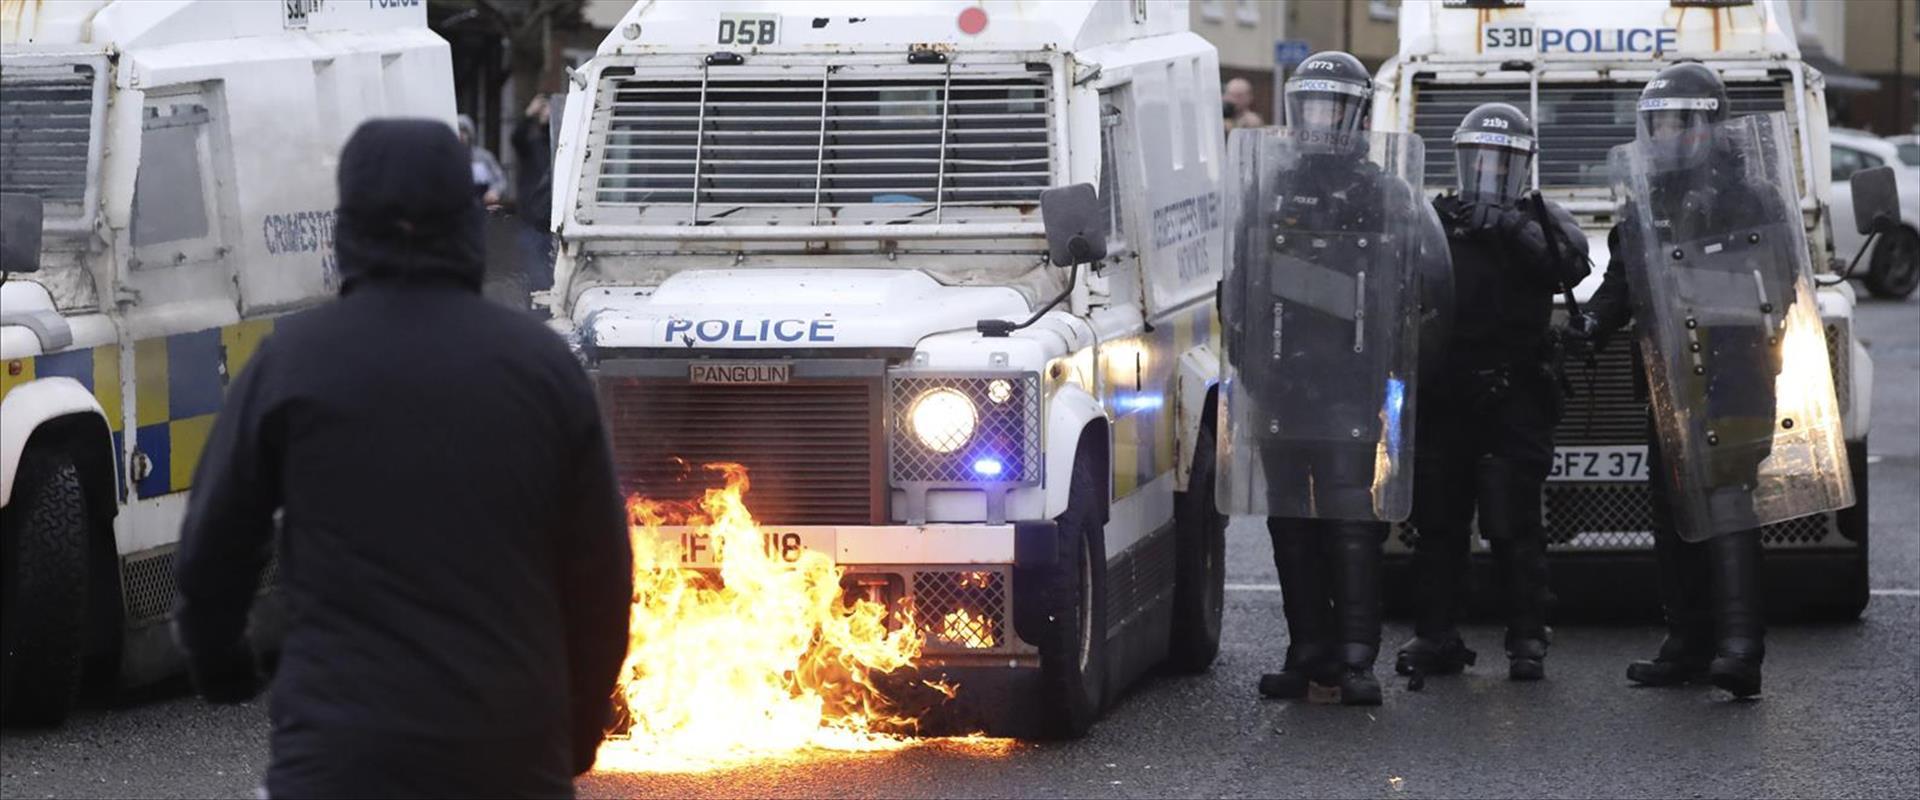 מהומות בצפון אירלנד